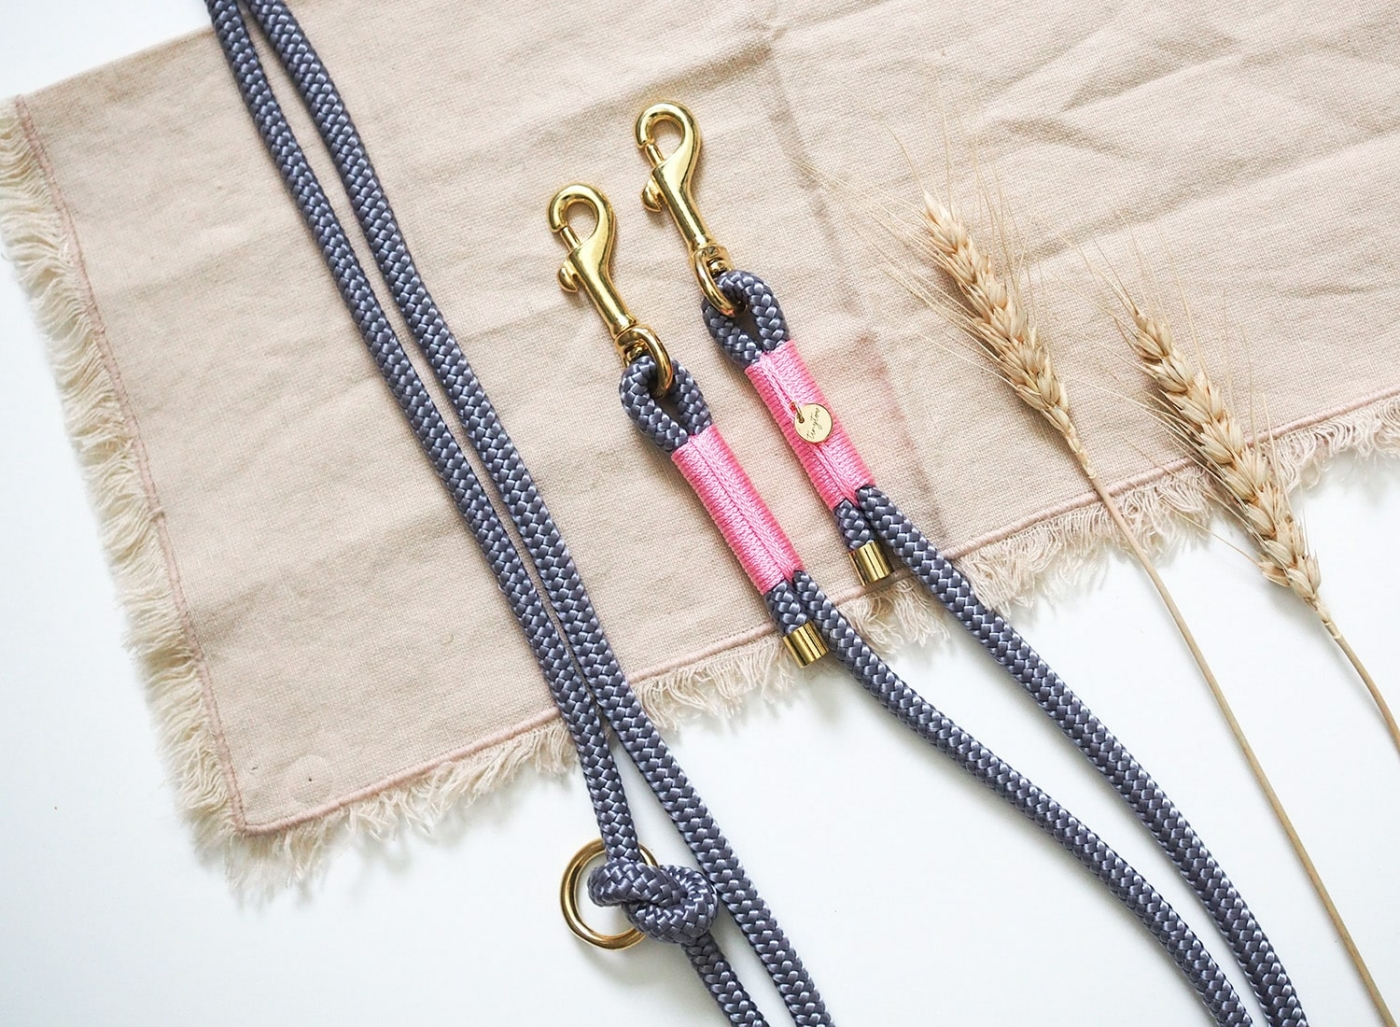 Hundeleine aus grauem Tau mit rosa Details und goldenen Karabinern.